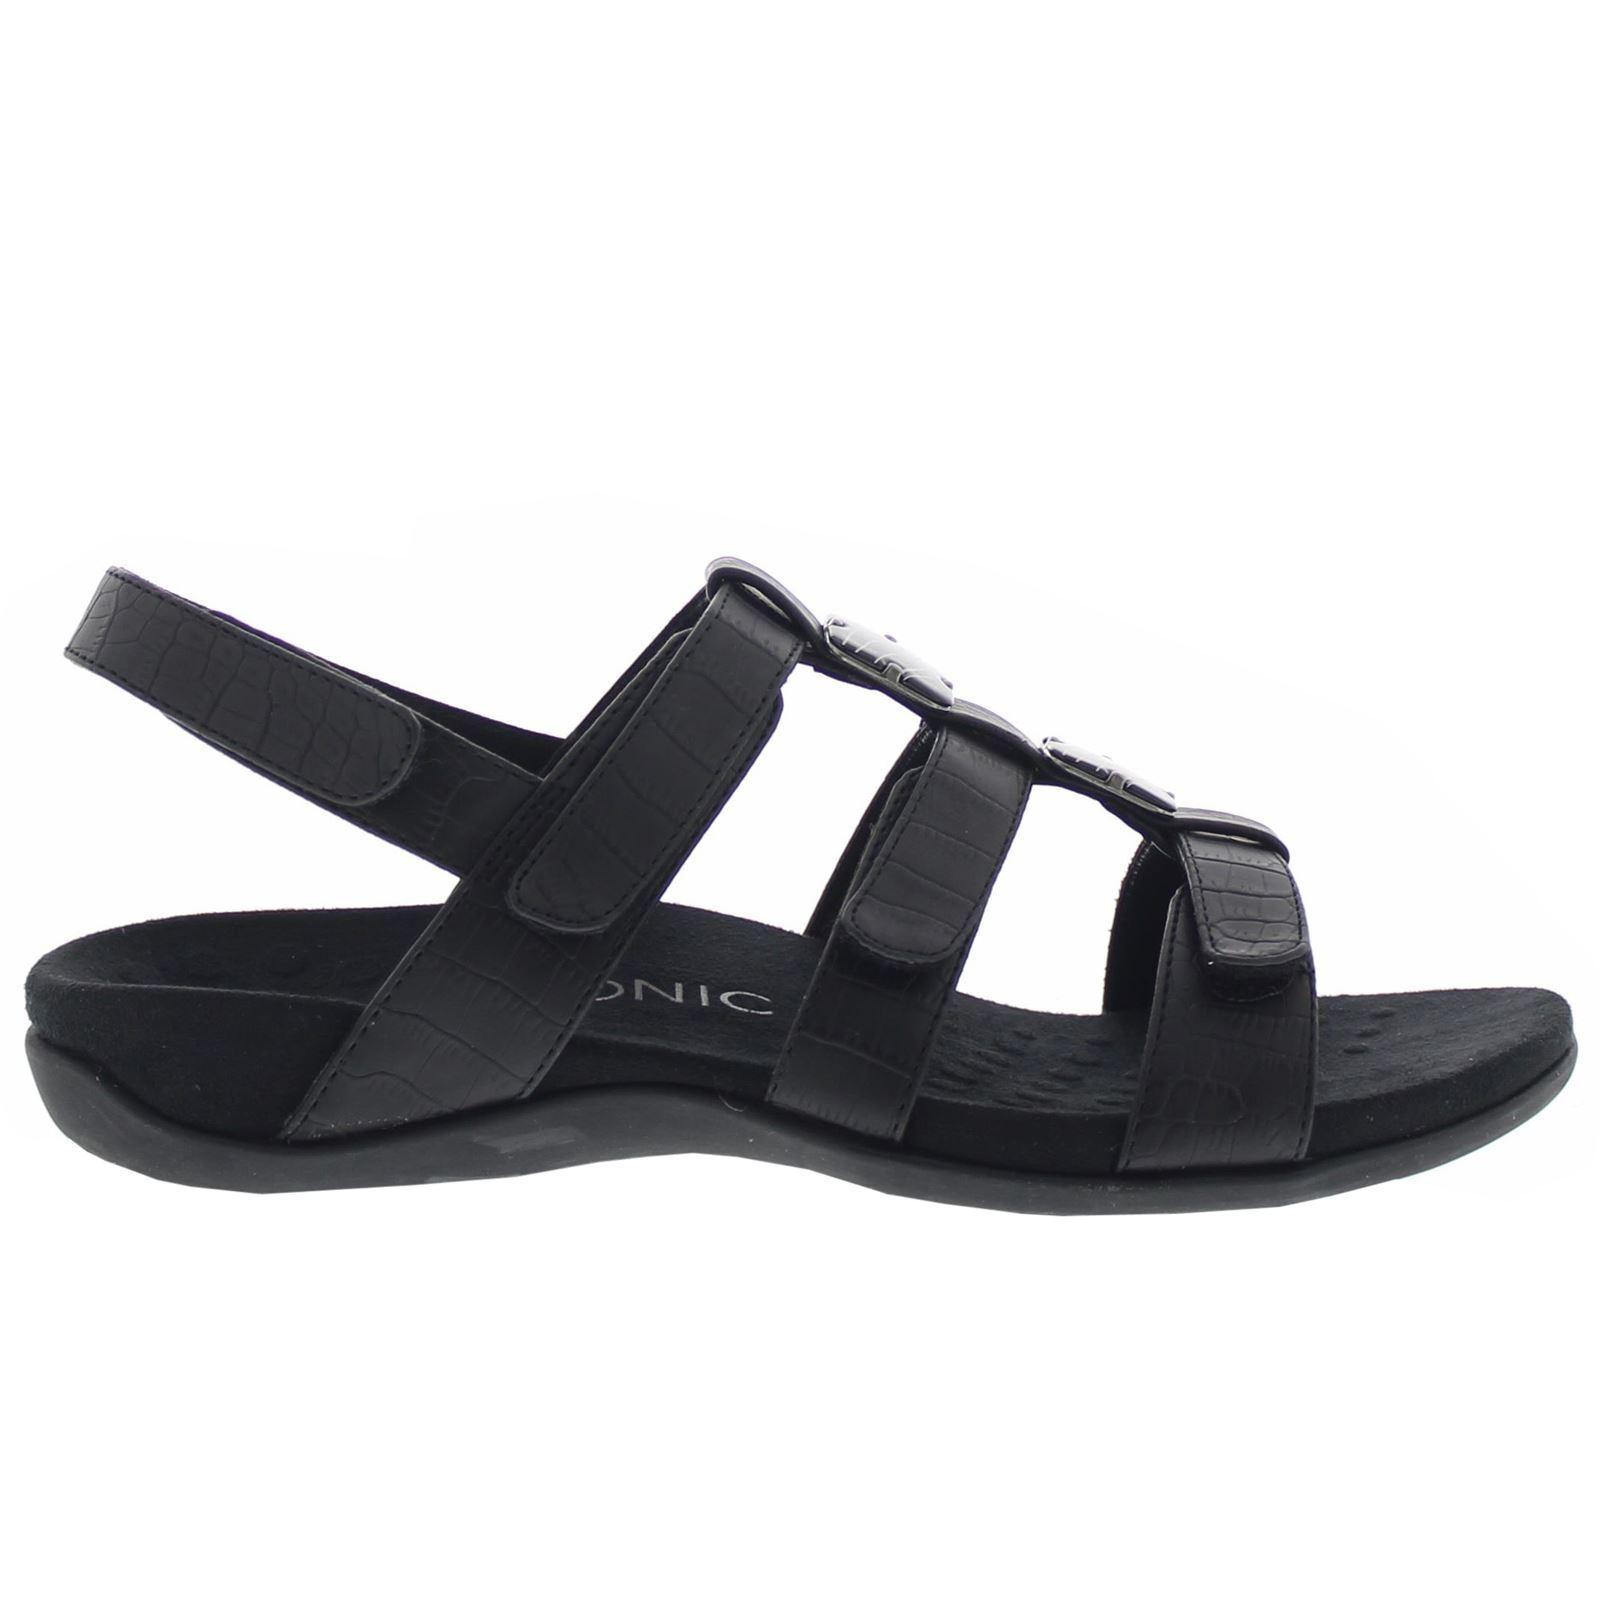 Vionic 44 Amber negro mujer Sandals